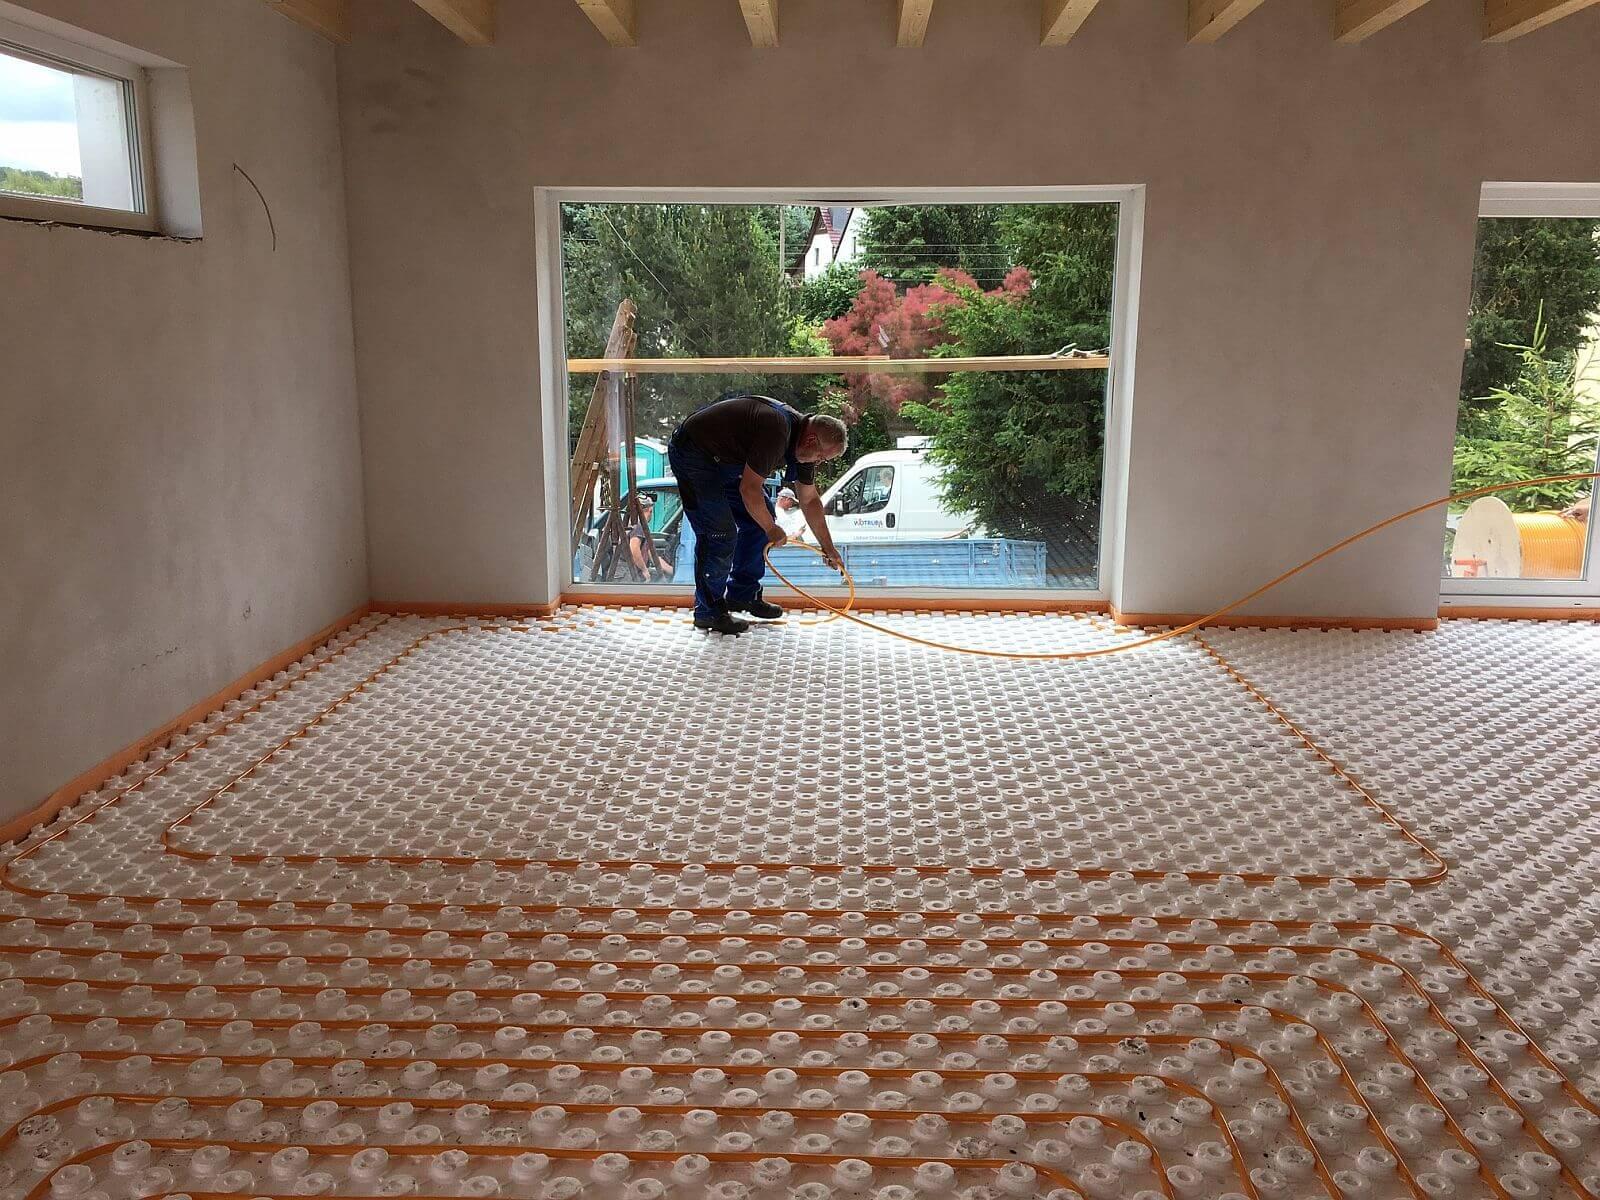 Fußboden Ohne Terbaru ~ Fußboden teppich terbaru » fußboden modern terbaru » 66 besten